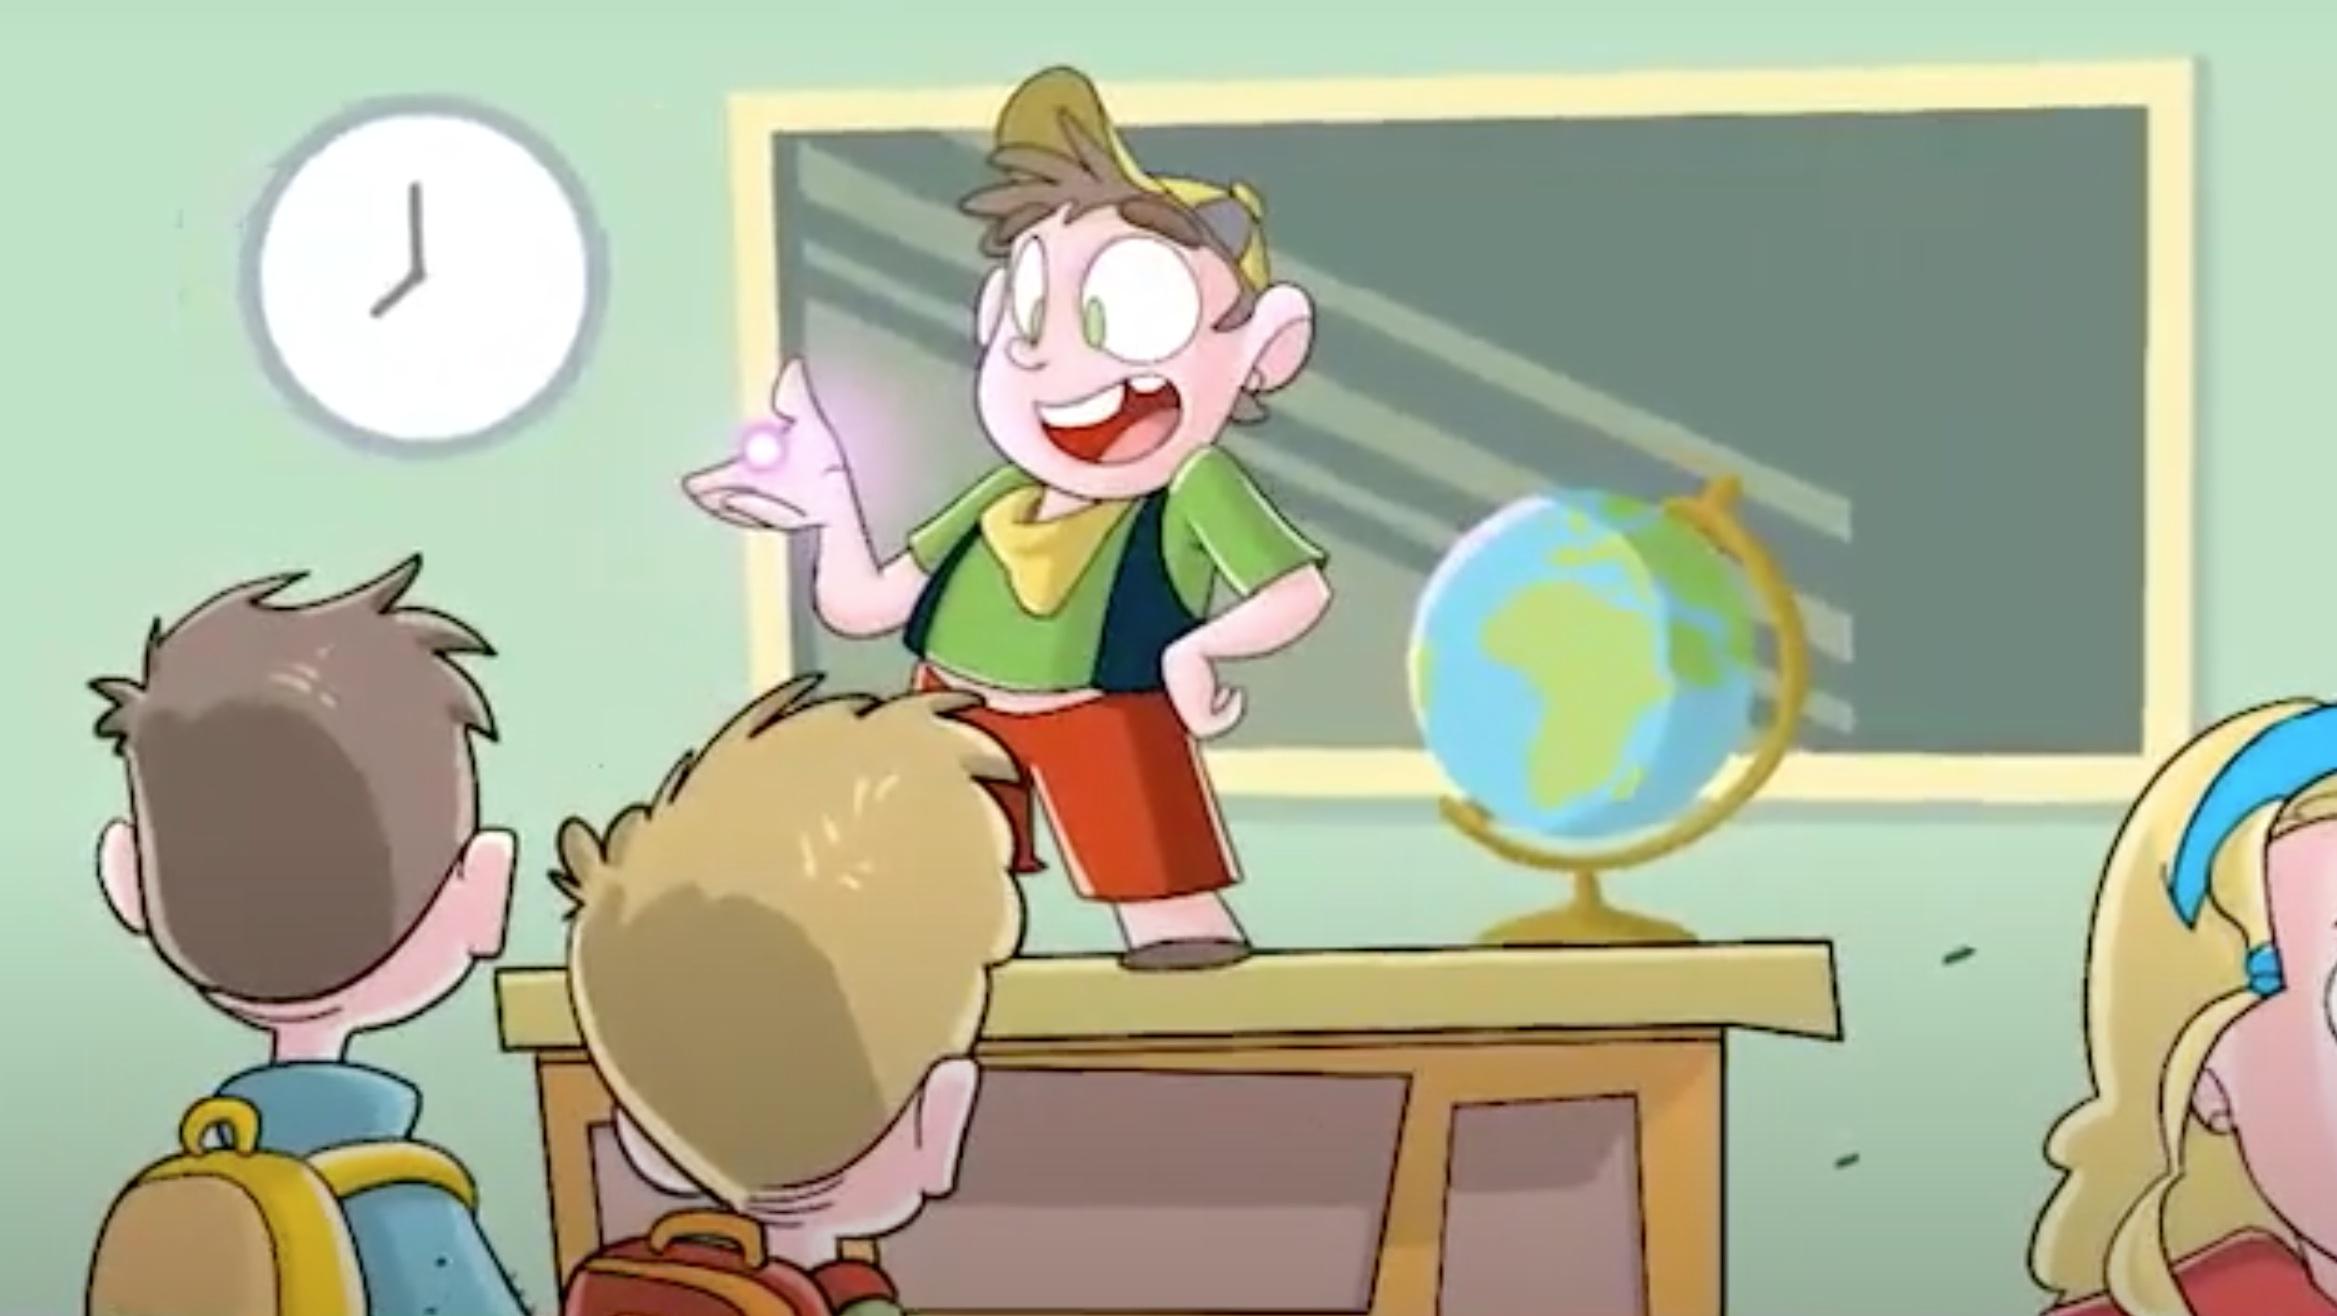 Un'immagine tratta dal cortometraggio Il piccolo soccorritore